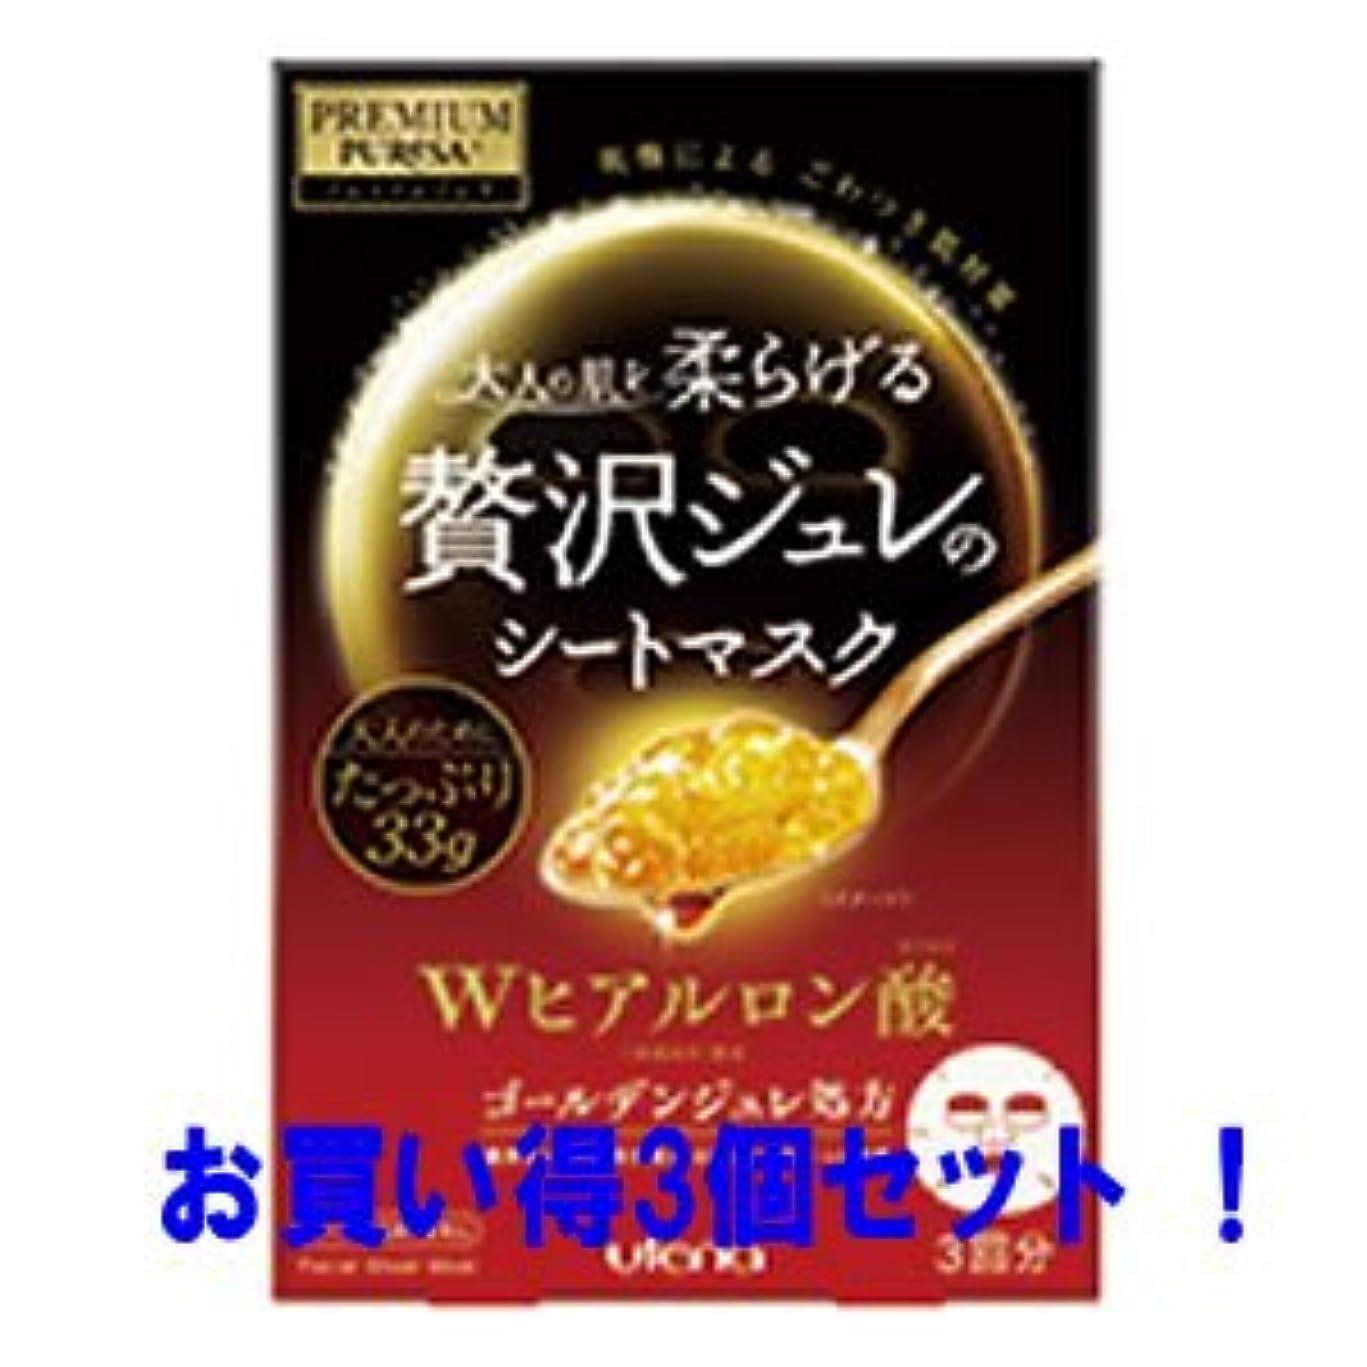 マカダム九コンパス(お買い得3個セット)(ウテナ)プレミアムプレサ 大人の肌を柔らげる贅沢ジュレのシートマスクWヒアルロン酸(3回分)